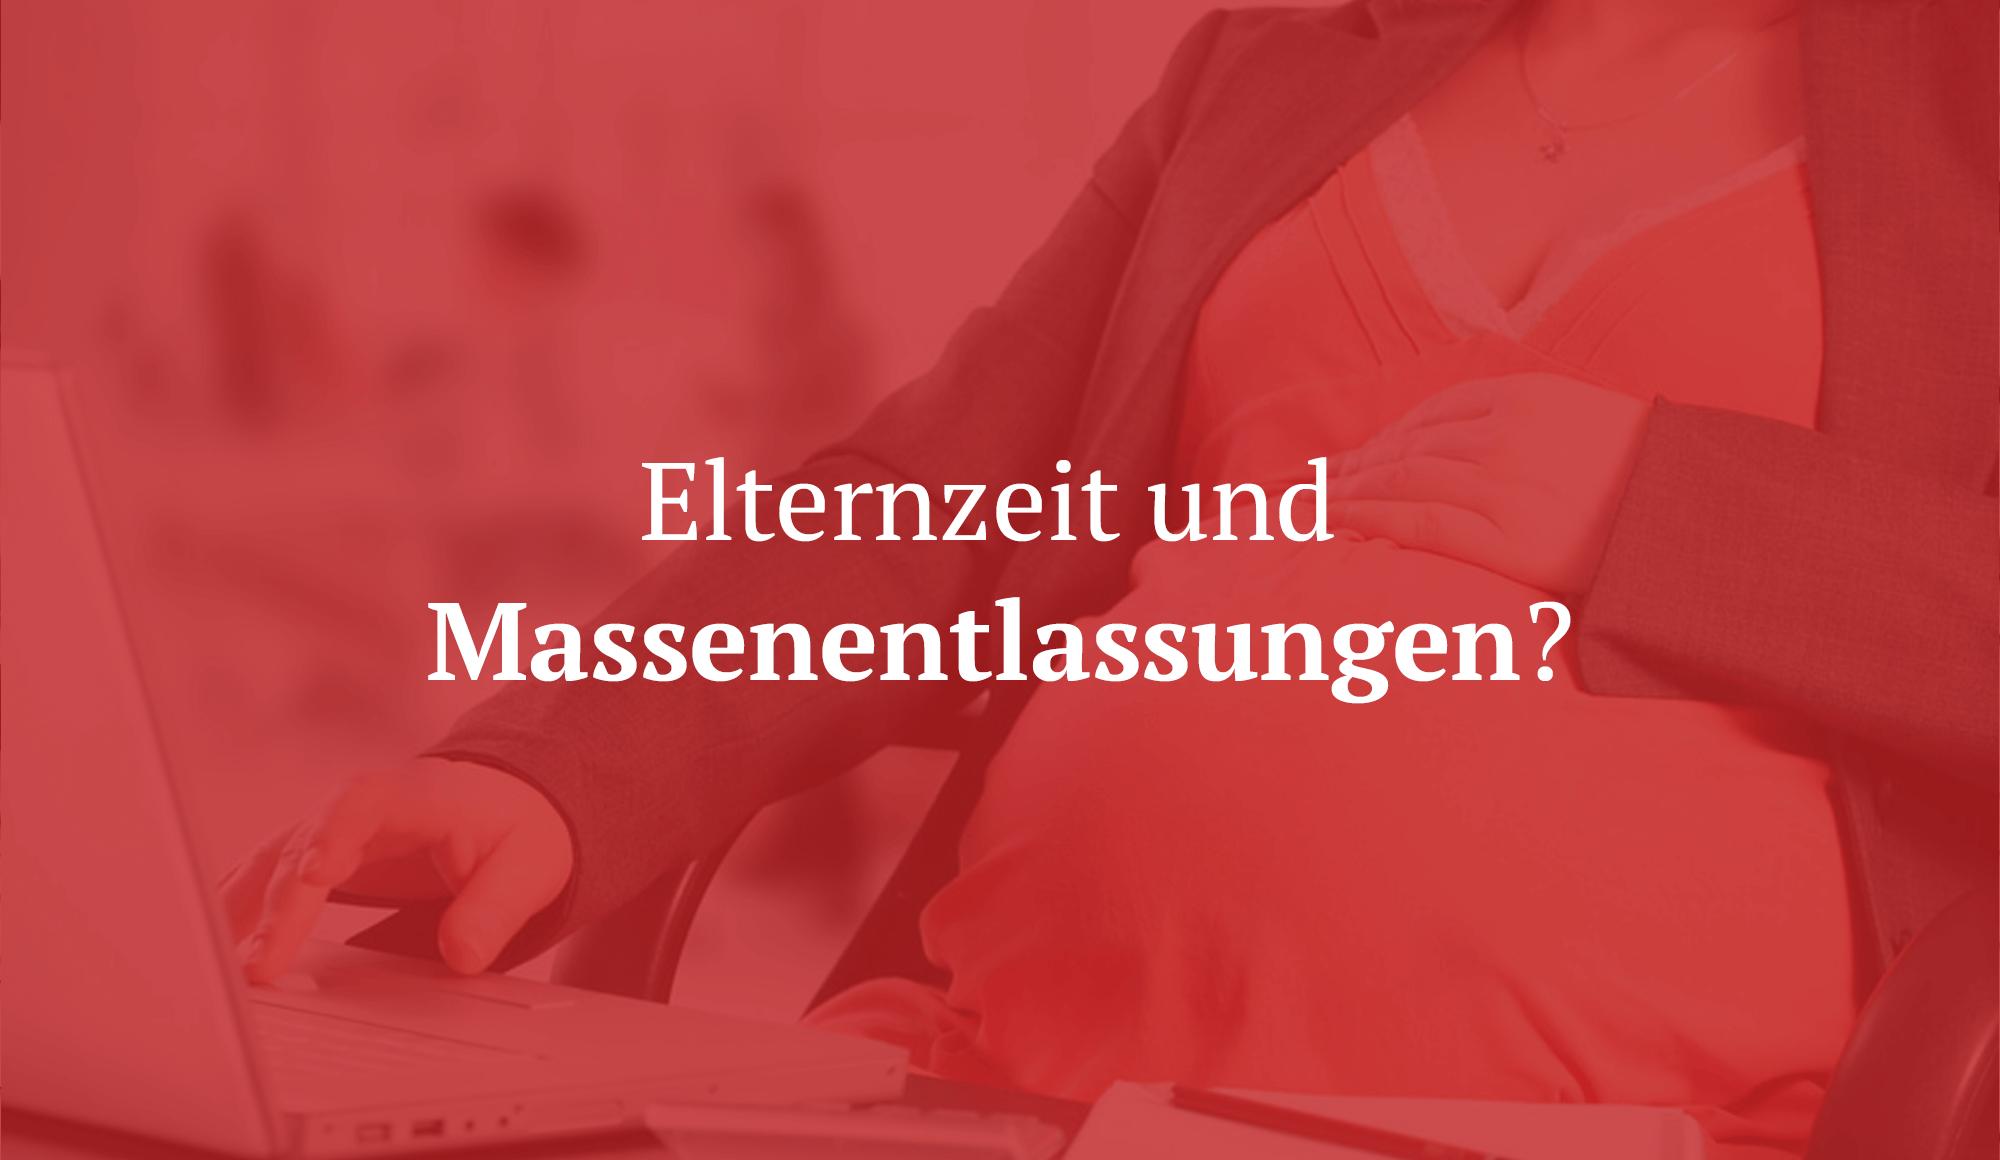 BVerfG: Wer in Elternzeit ist, darf bei Massenentlassungen nicht benachteiligt werden.